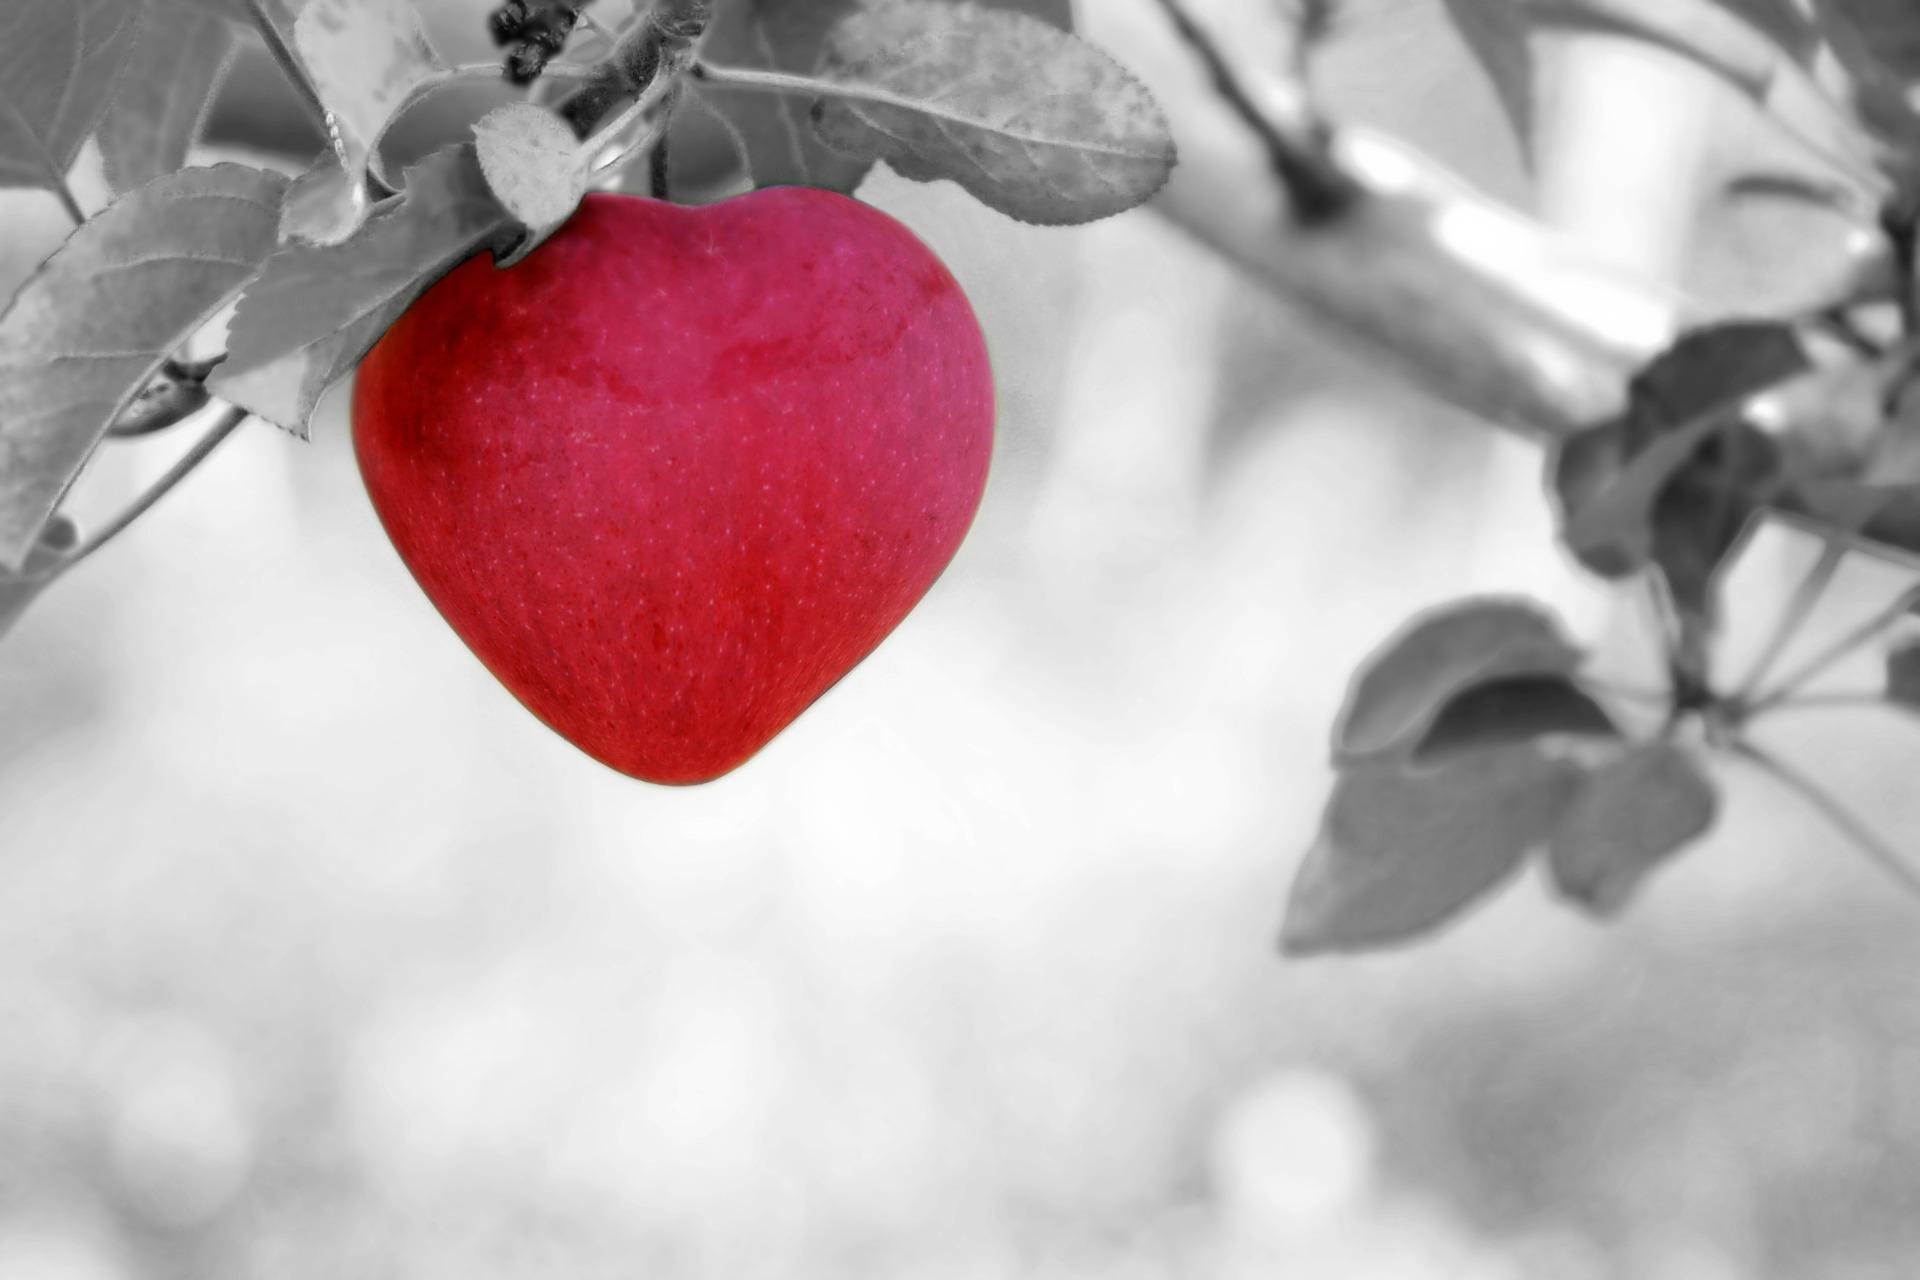 प्यार, दिल, फल, सेब, पेड़ - HD वॉलपेपर - प्रोफेसर-falken.com